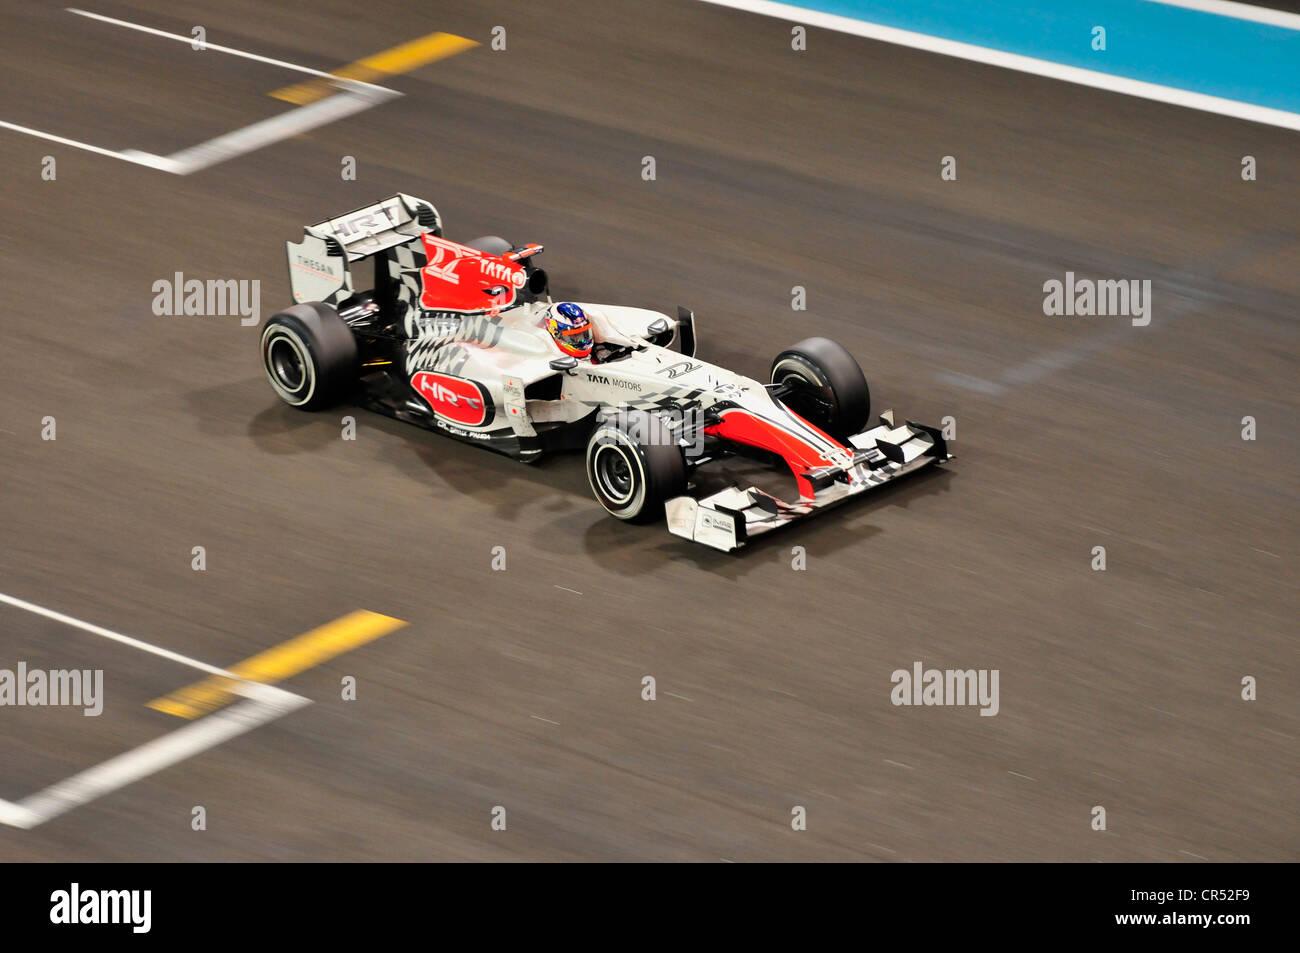 formula-one-racing-car-di-daniel-ricciar